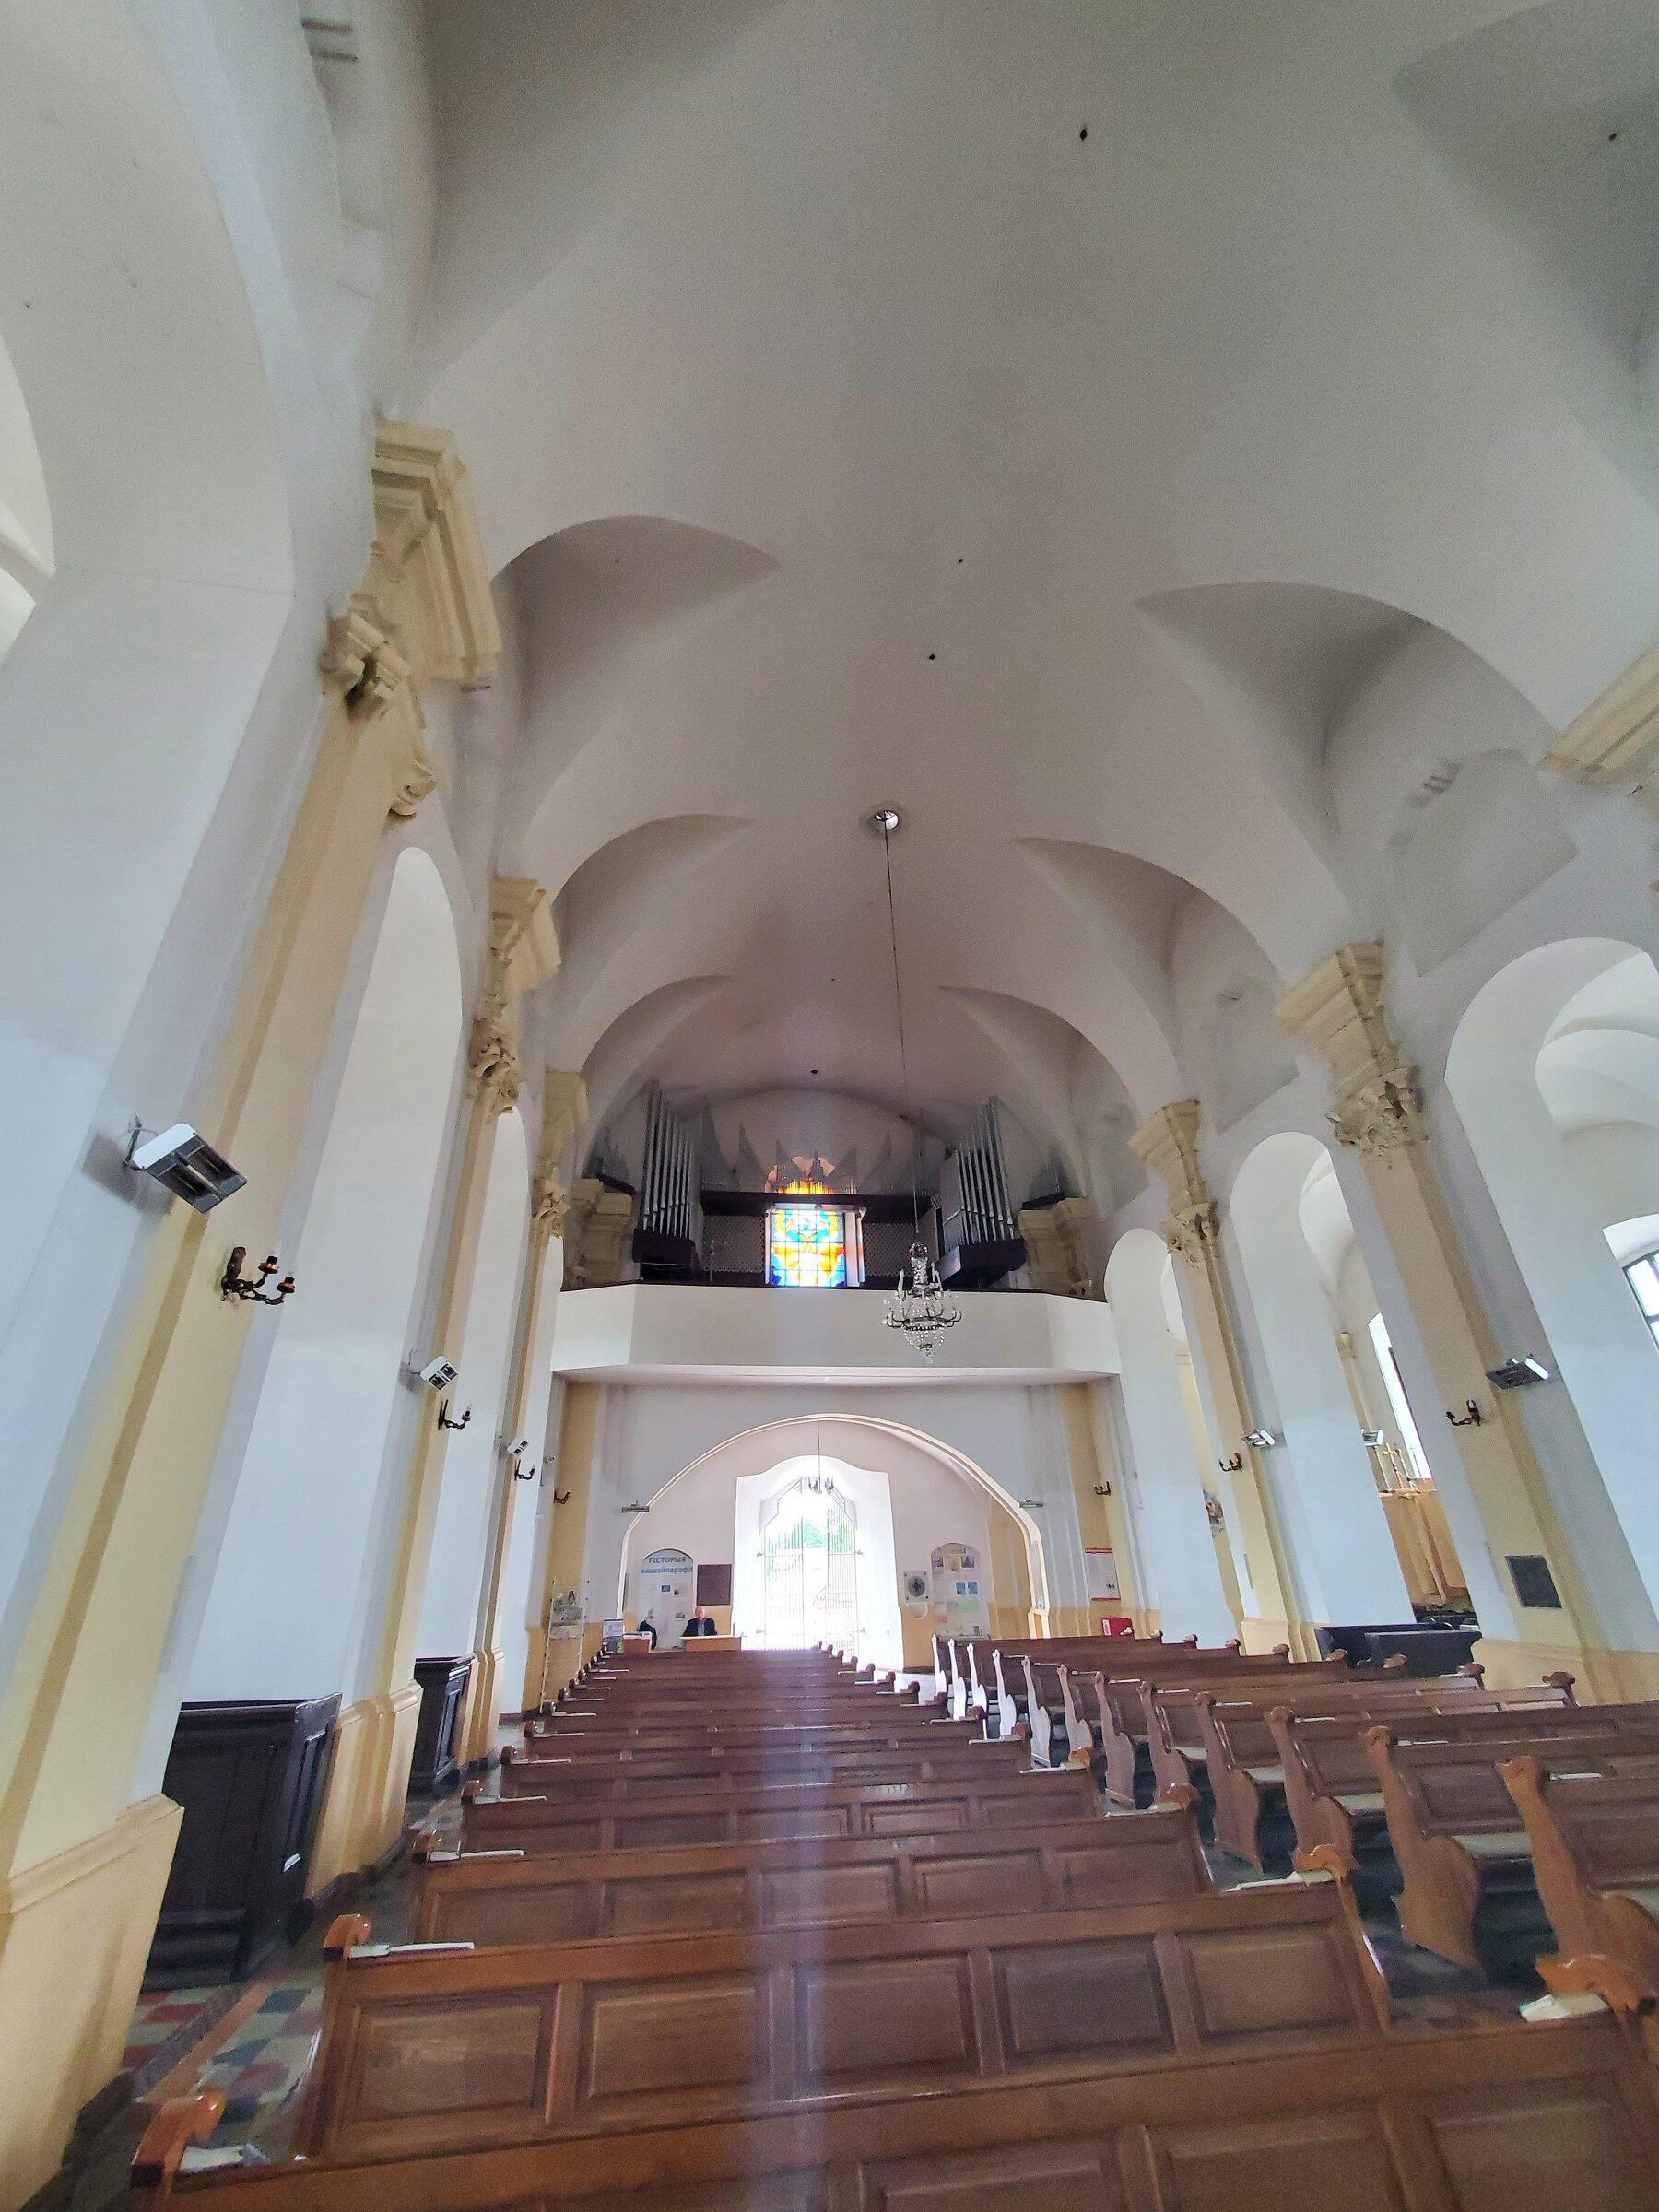 20200703 123344 1 rotated - Костел Святой Троицы в Глубоком